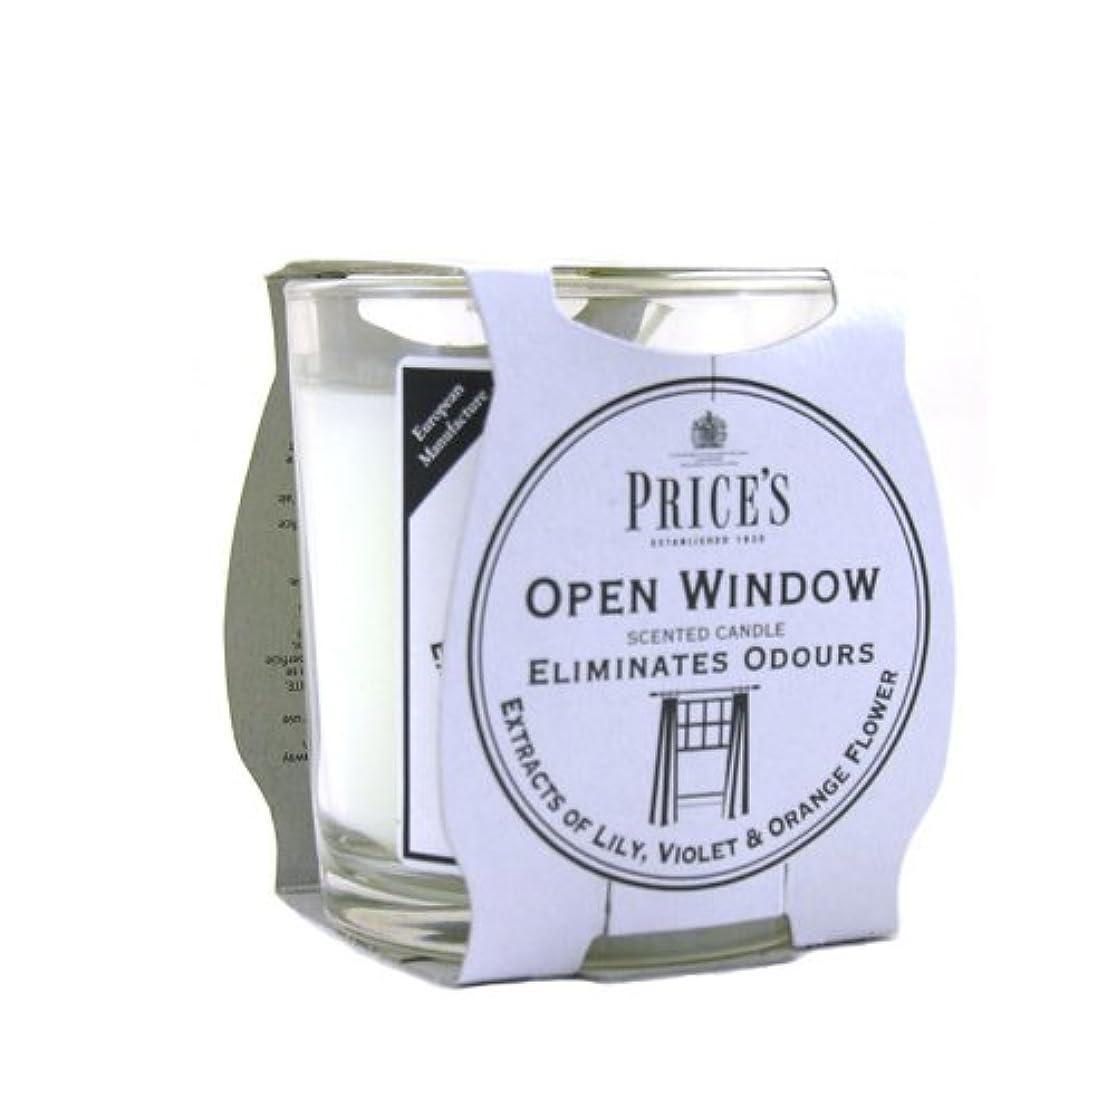 骨髄代理人翻訳Price′s(プライシズ) Fresh Air CANDLE TIN Jar type (フレッシュエアー キャンドル ジャータイプ) OPEN WINDOW(オープンウィンドゥ)